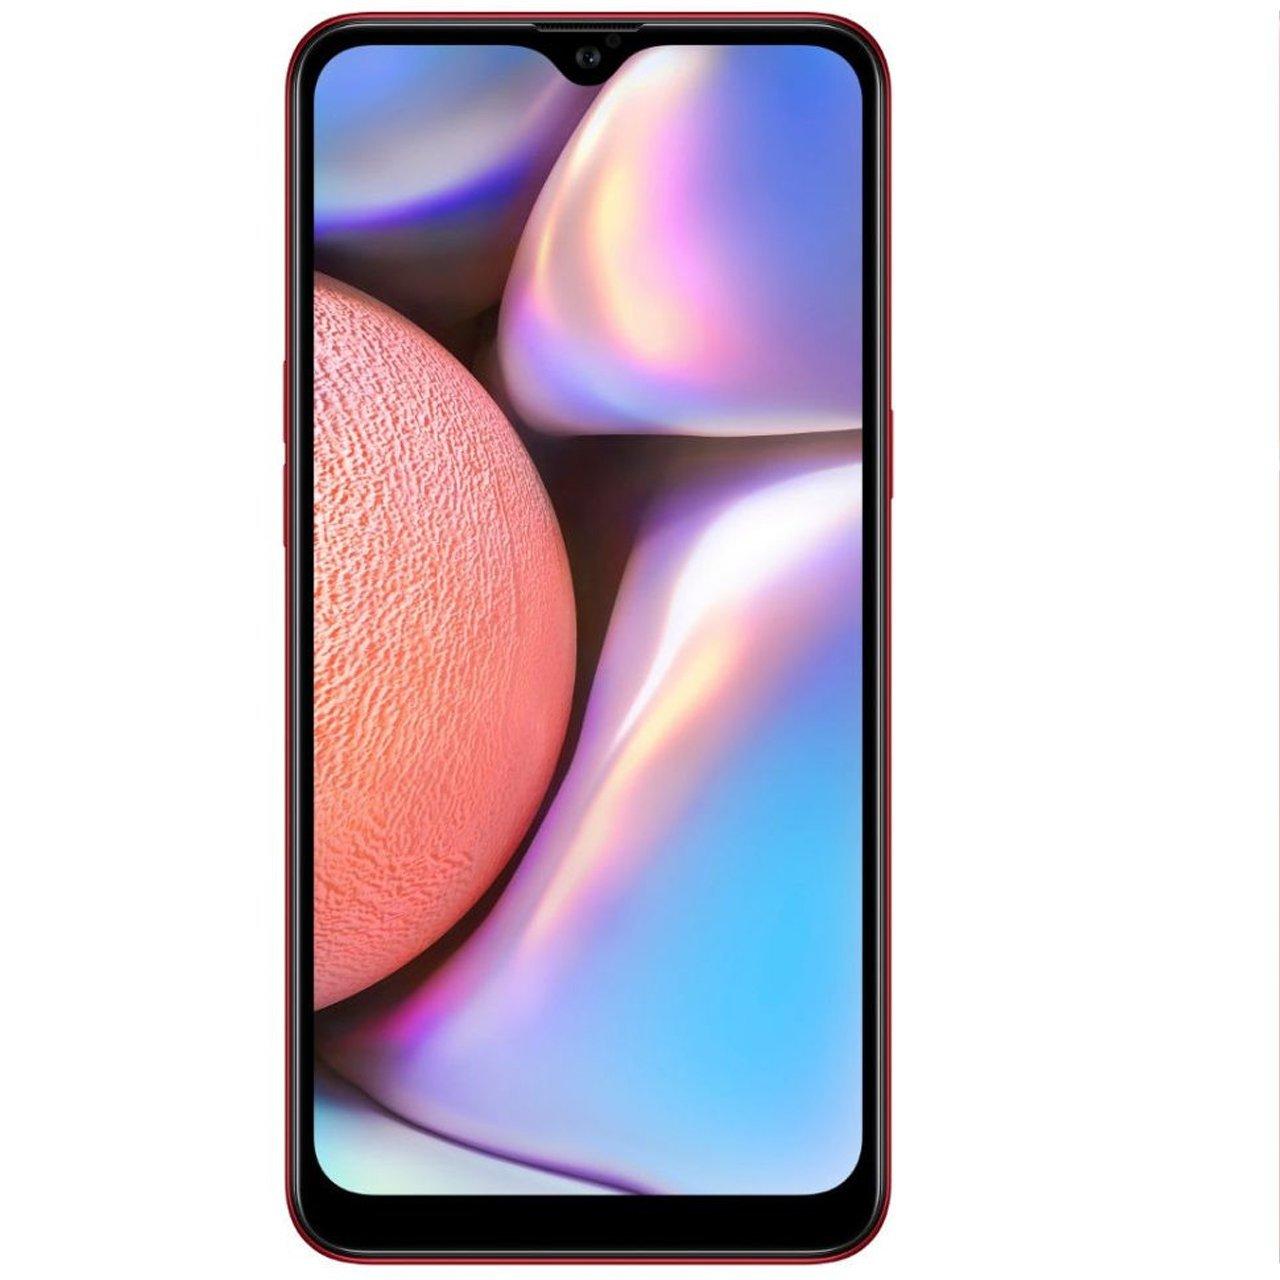 گوشی موبایل سامسونگ مدل Galaxy A10s دو سیم کارت ظرفیت 32 گیگابایت